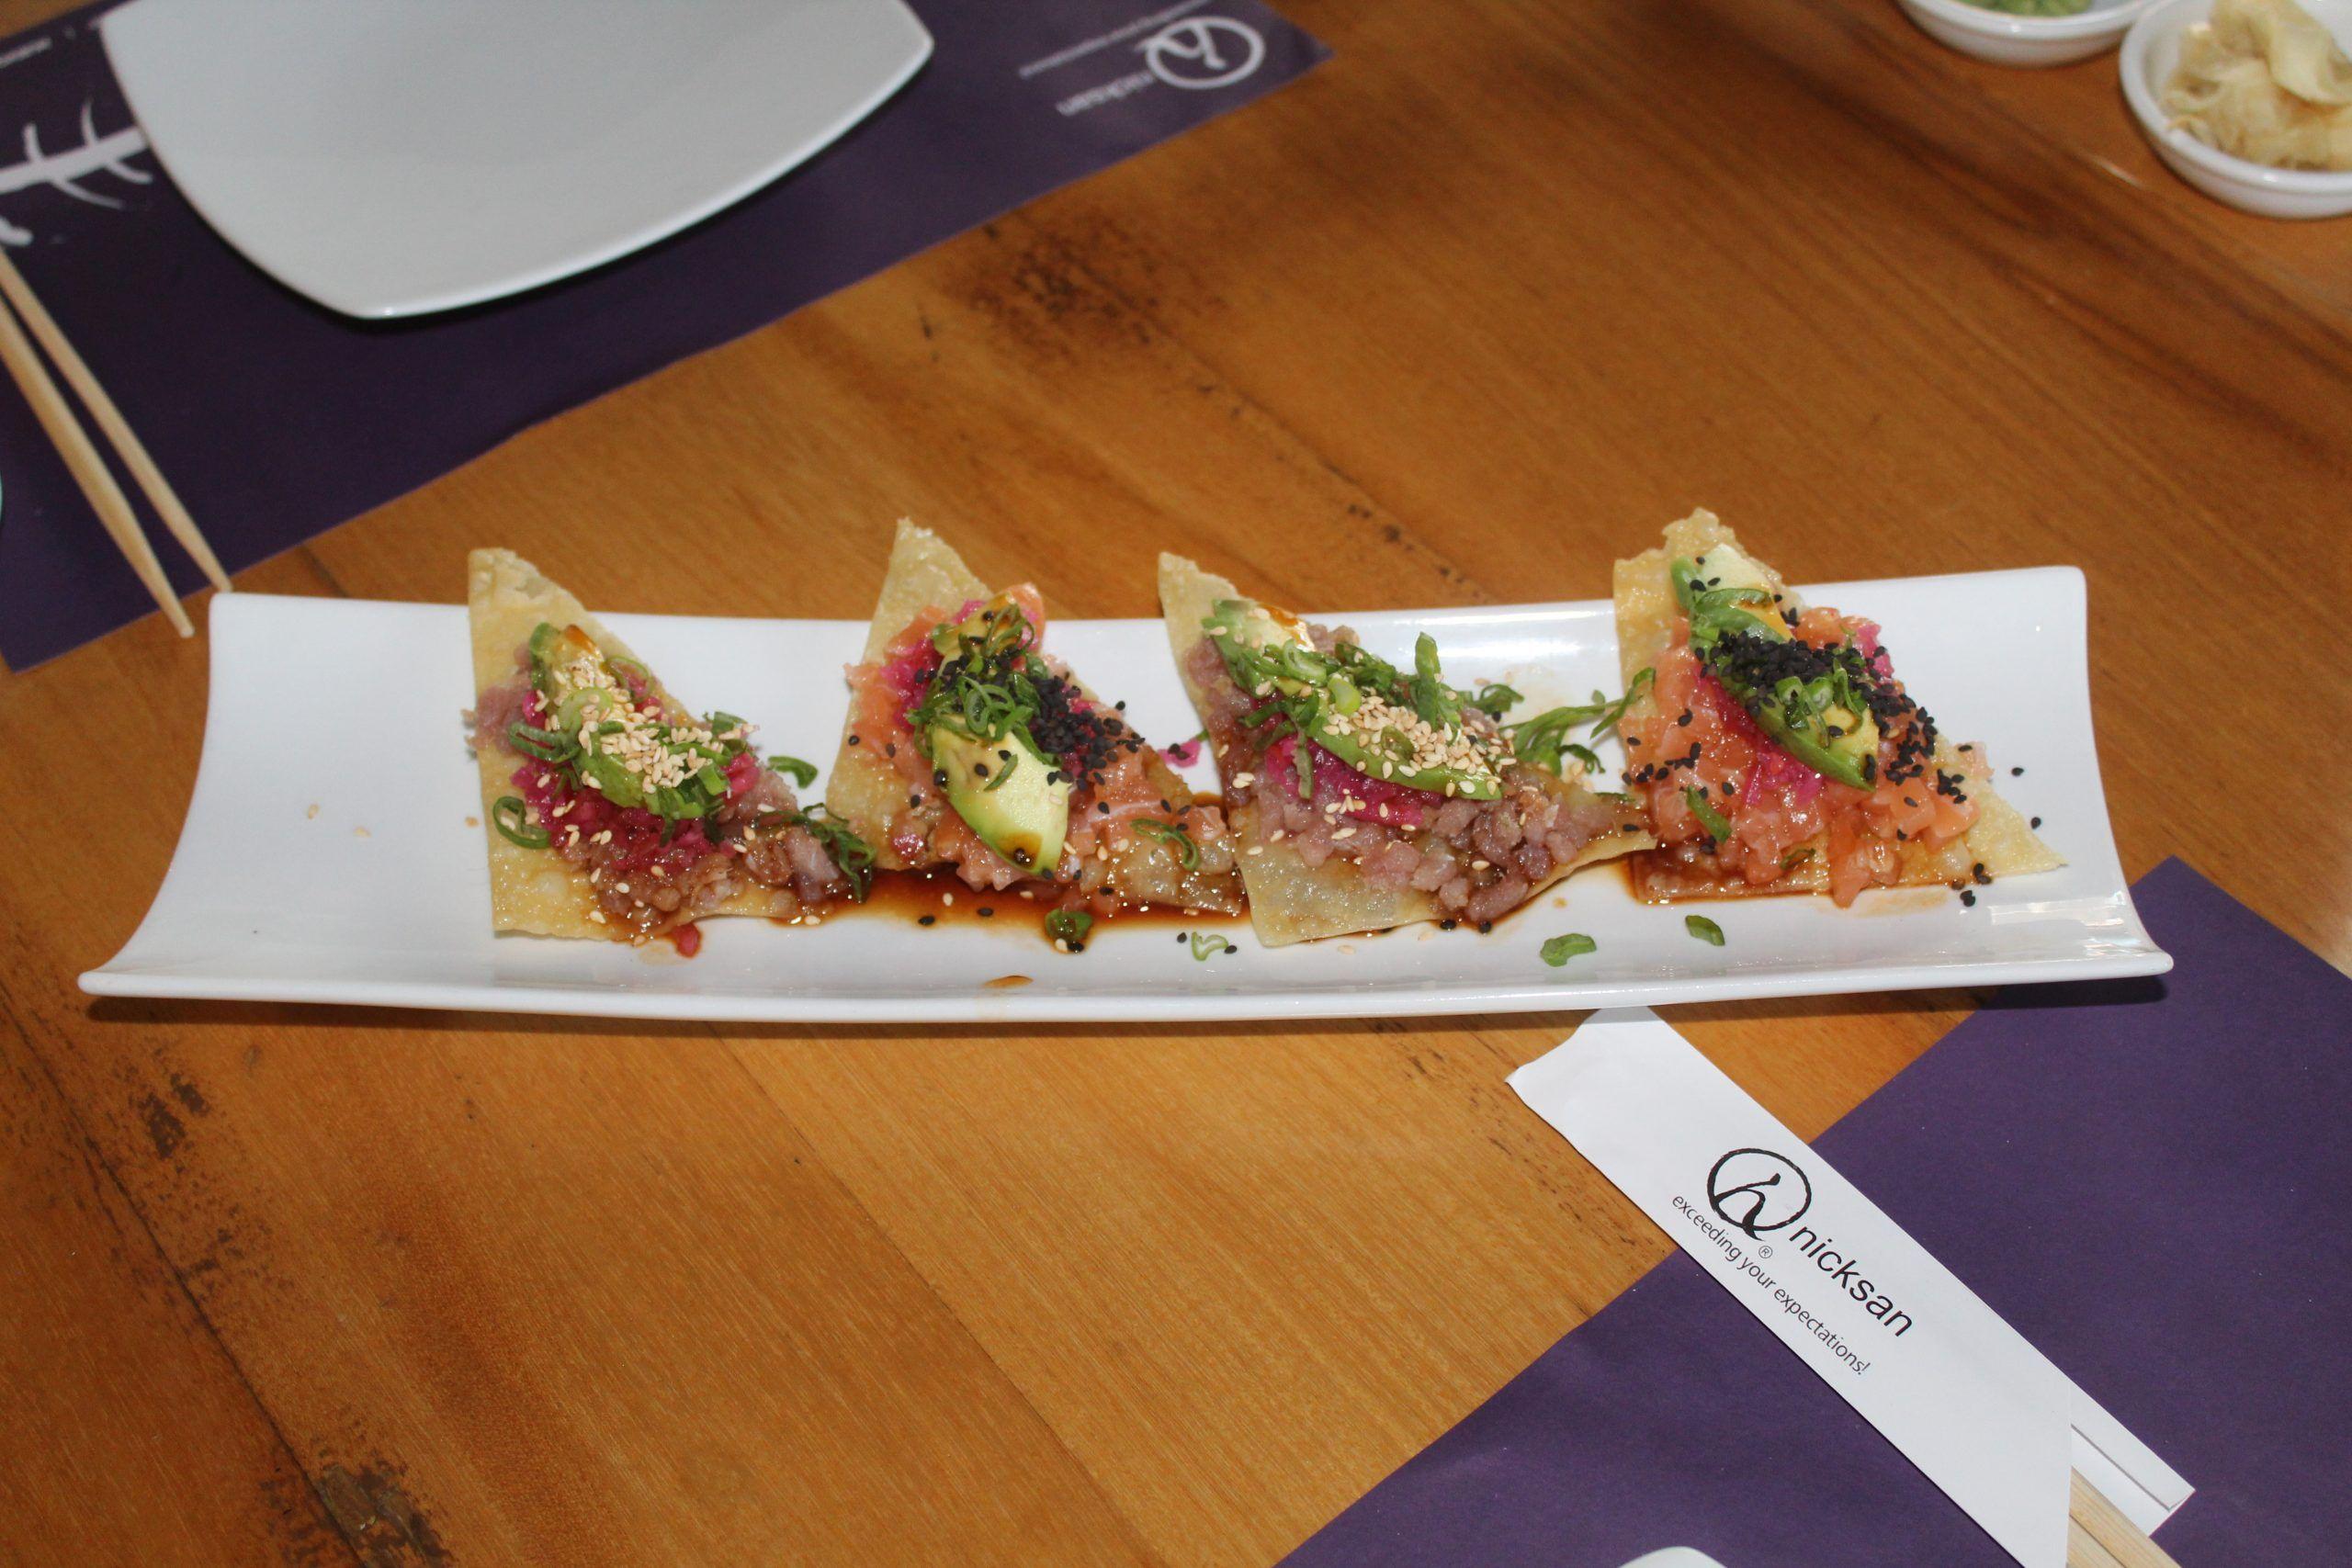 Nicksan, fantasía gastronómica de mil colores y sabores